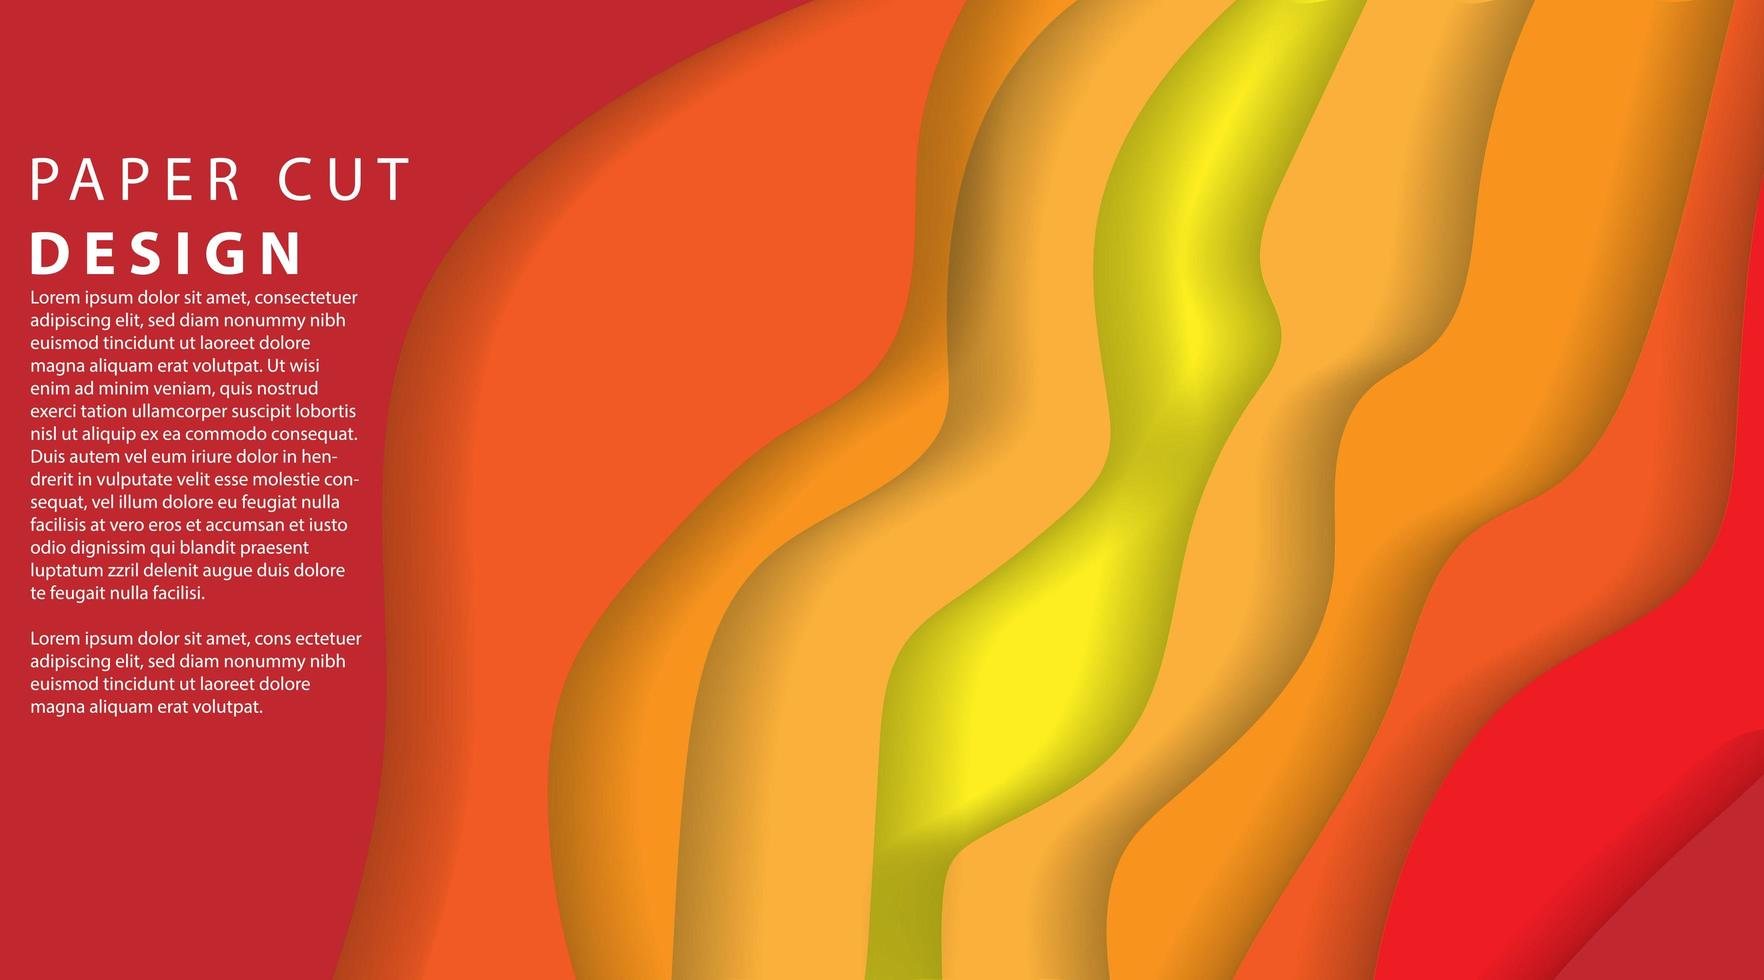 Papierschnitt mehrere Schichten 3D-Farbtextur Hintergrund vektor